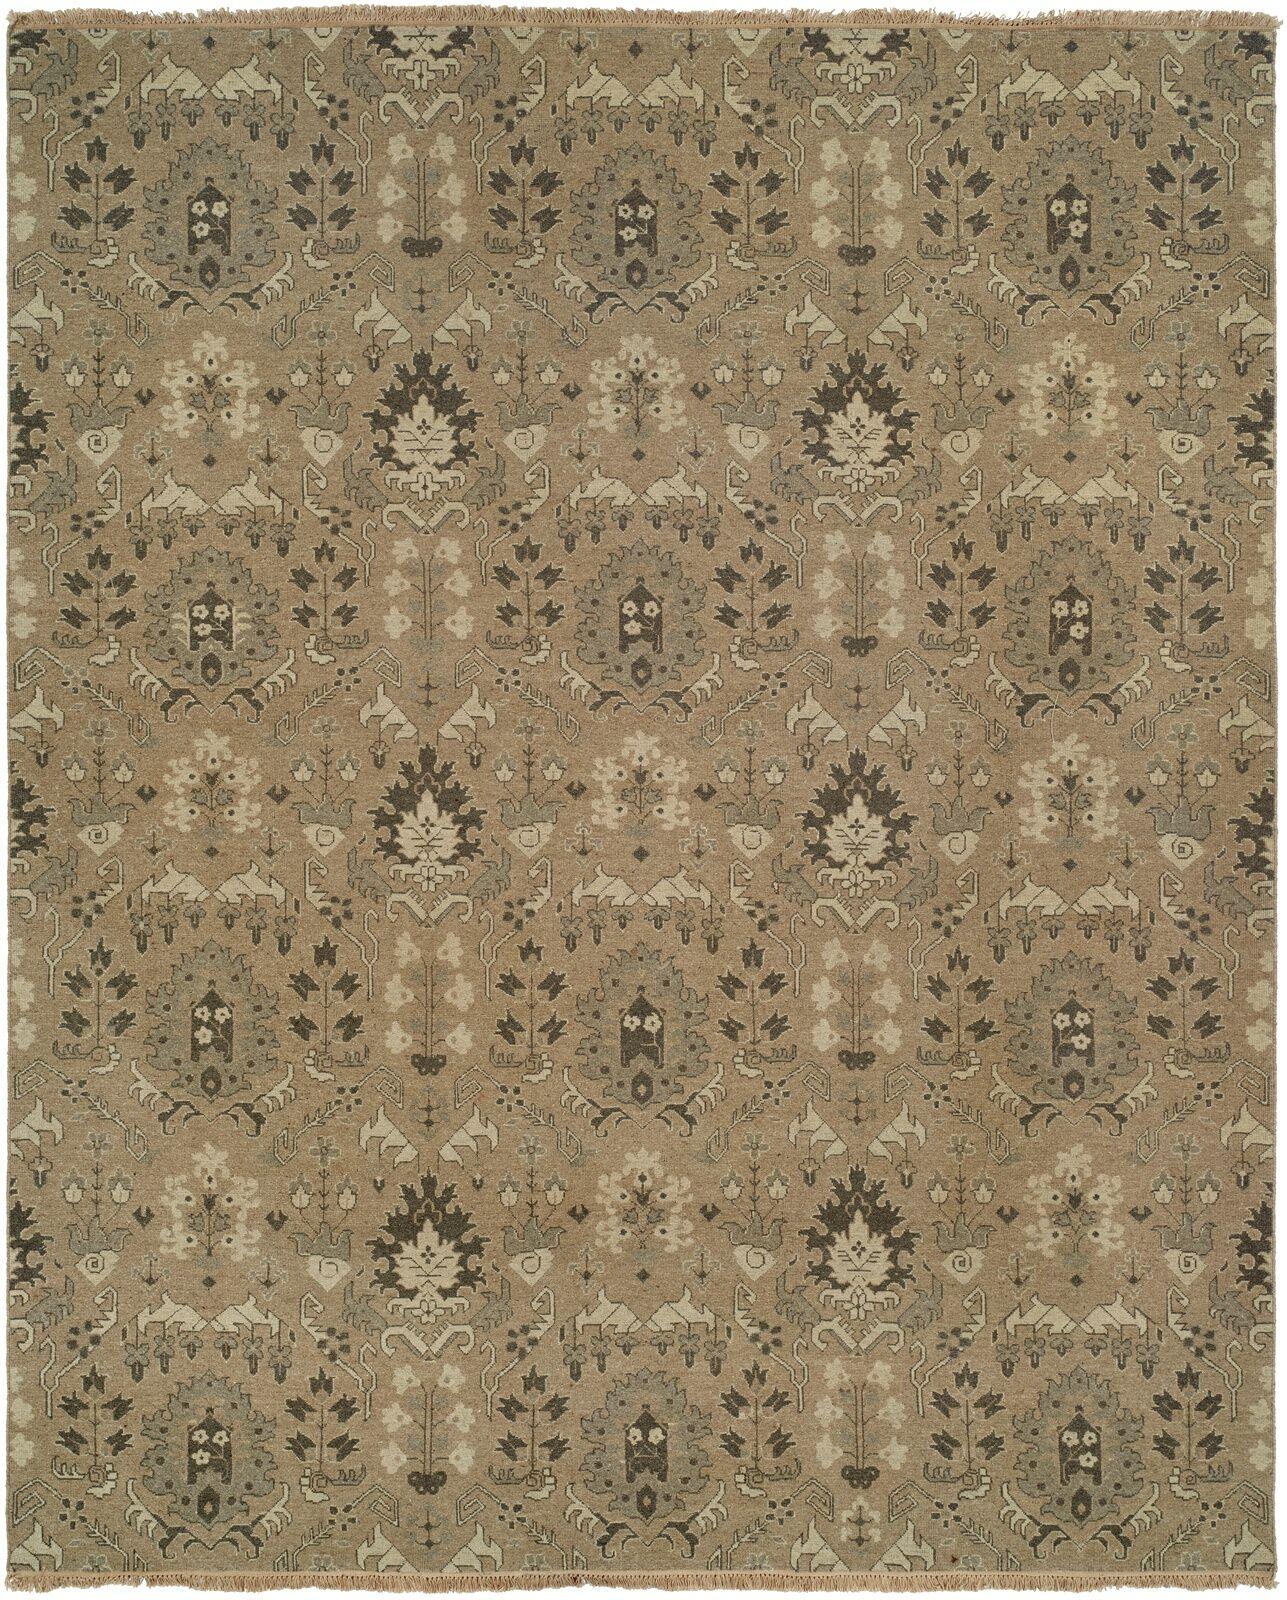 Tauranga Hand-Woven Brown Area Rug Rug Size: Rectangle 9' x 12'